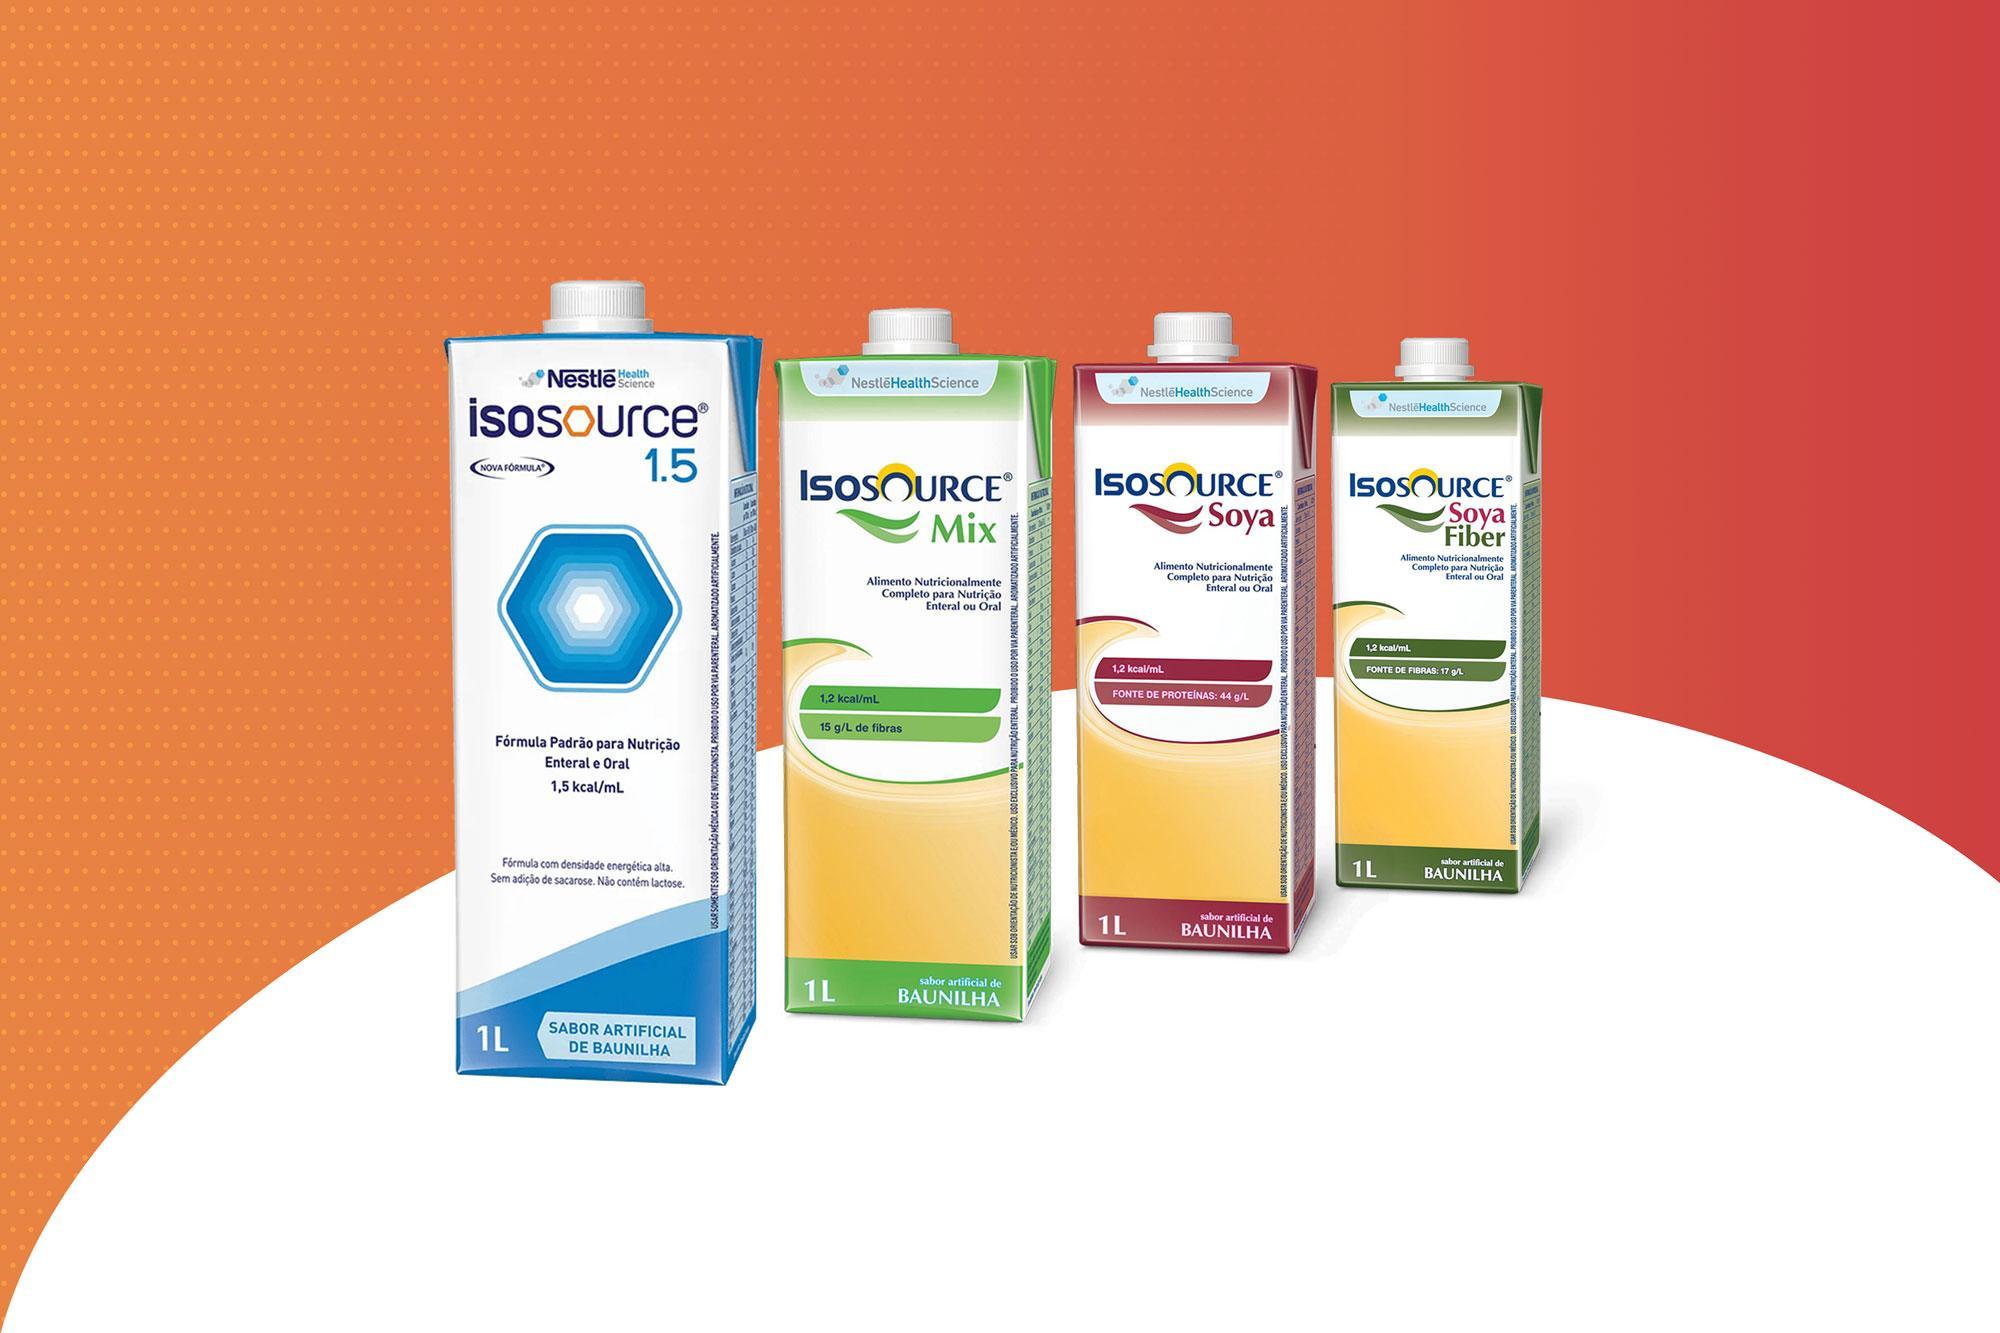 Isosource da Nestlé: a linha completa de produtos